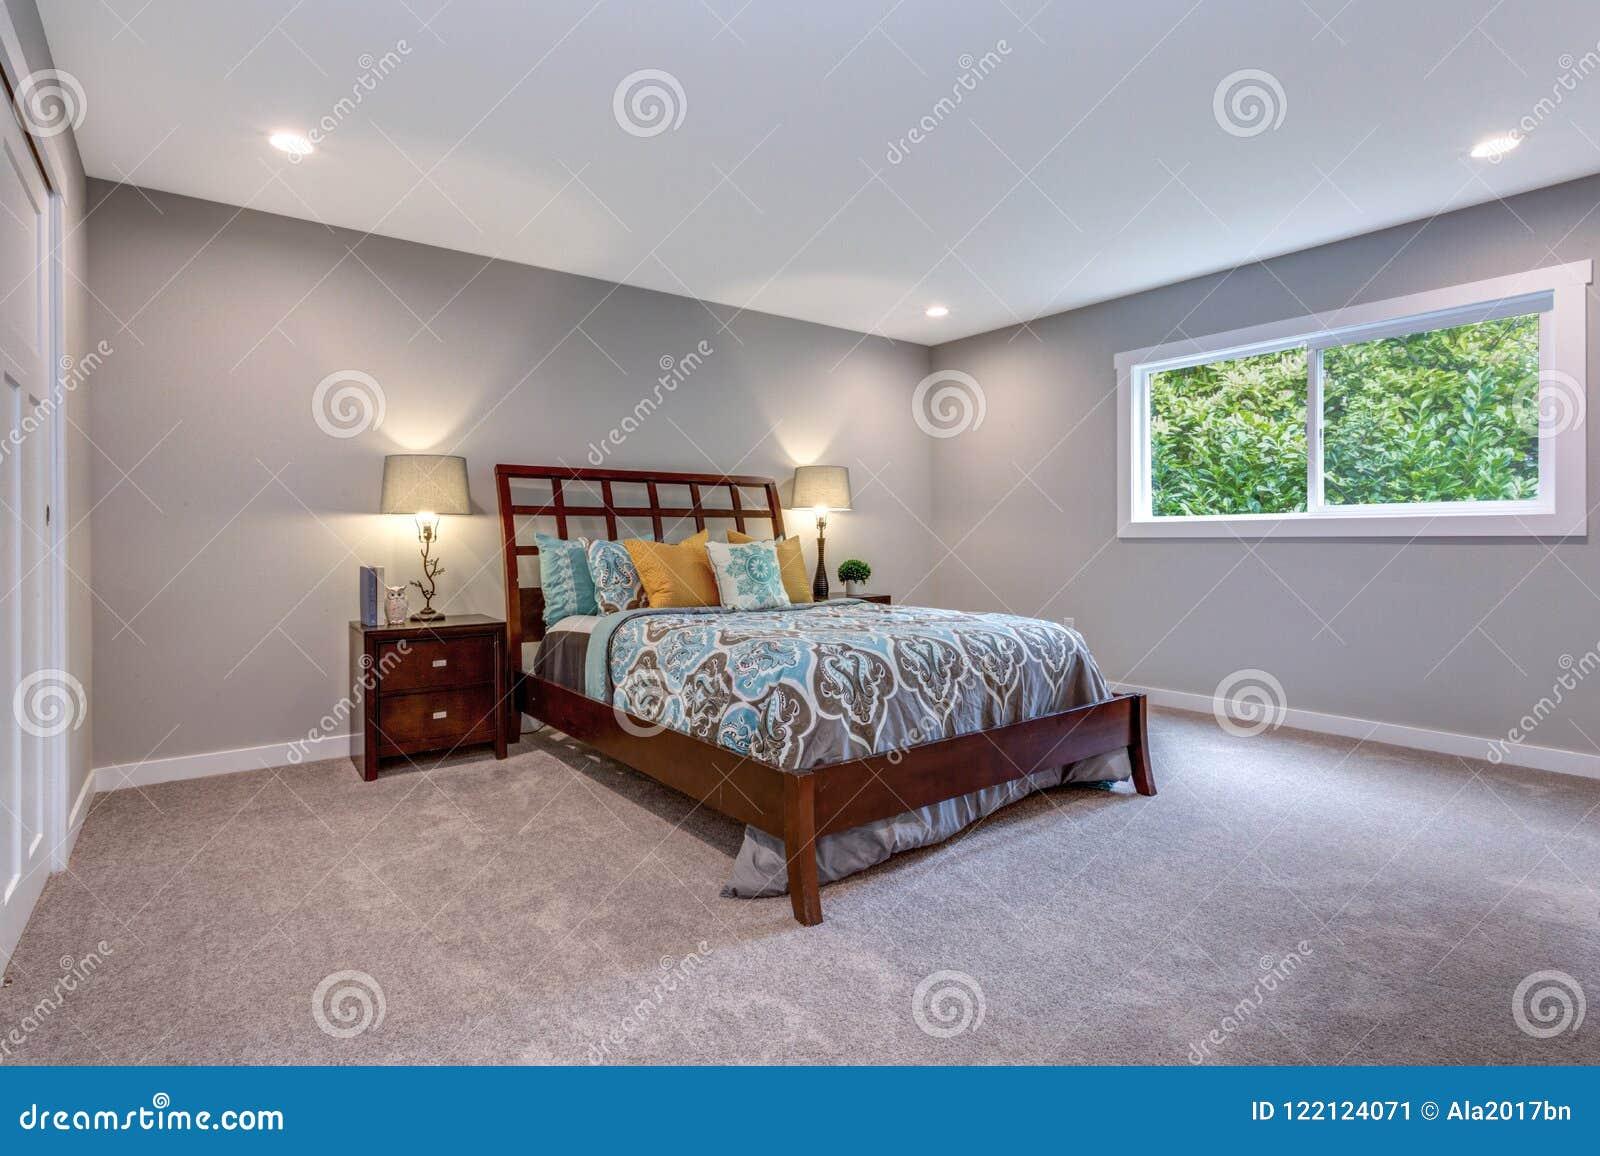 Hemtrevligt sovrum med träsäng och som bygger i garderob